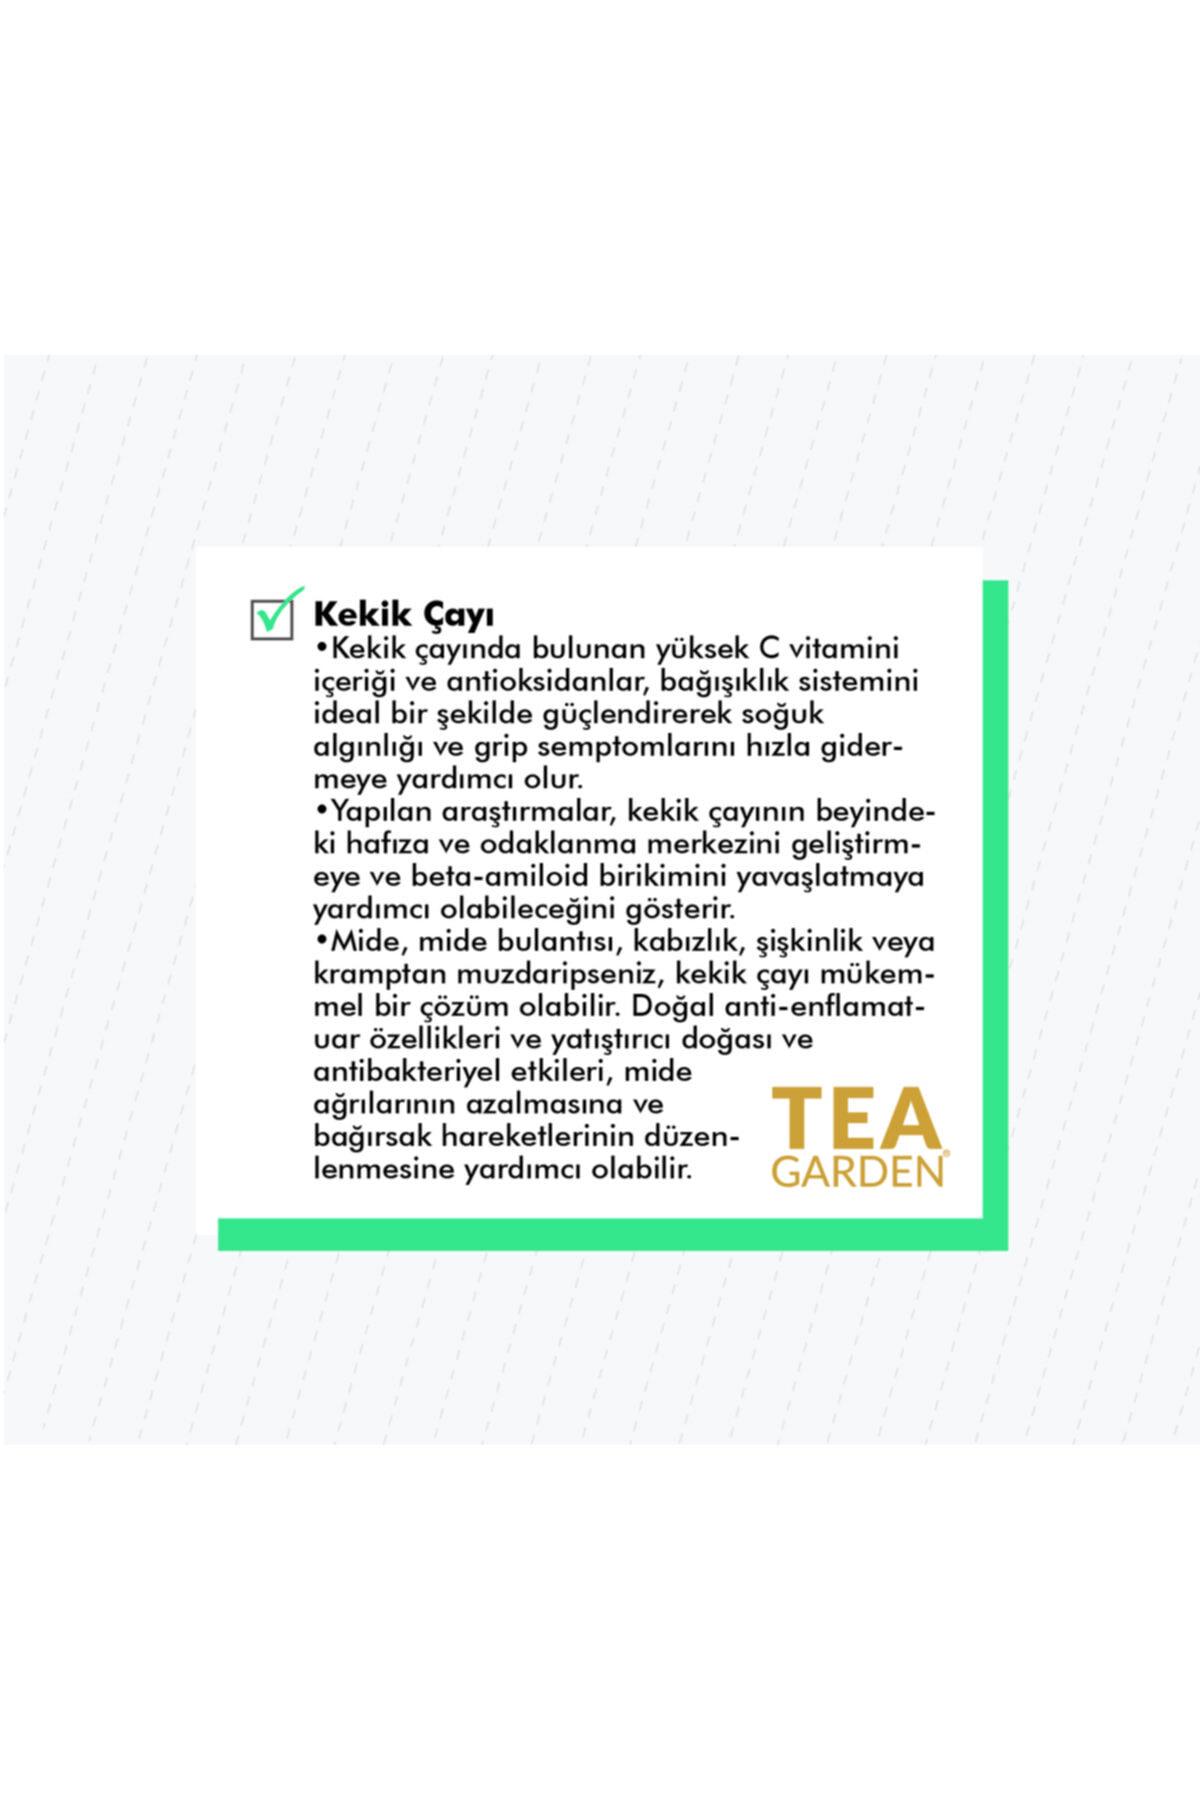 TeaGarden Kekik Çayı 42'li Süzen Poşet 2